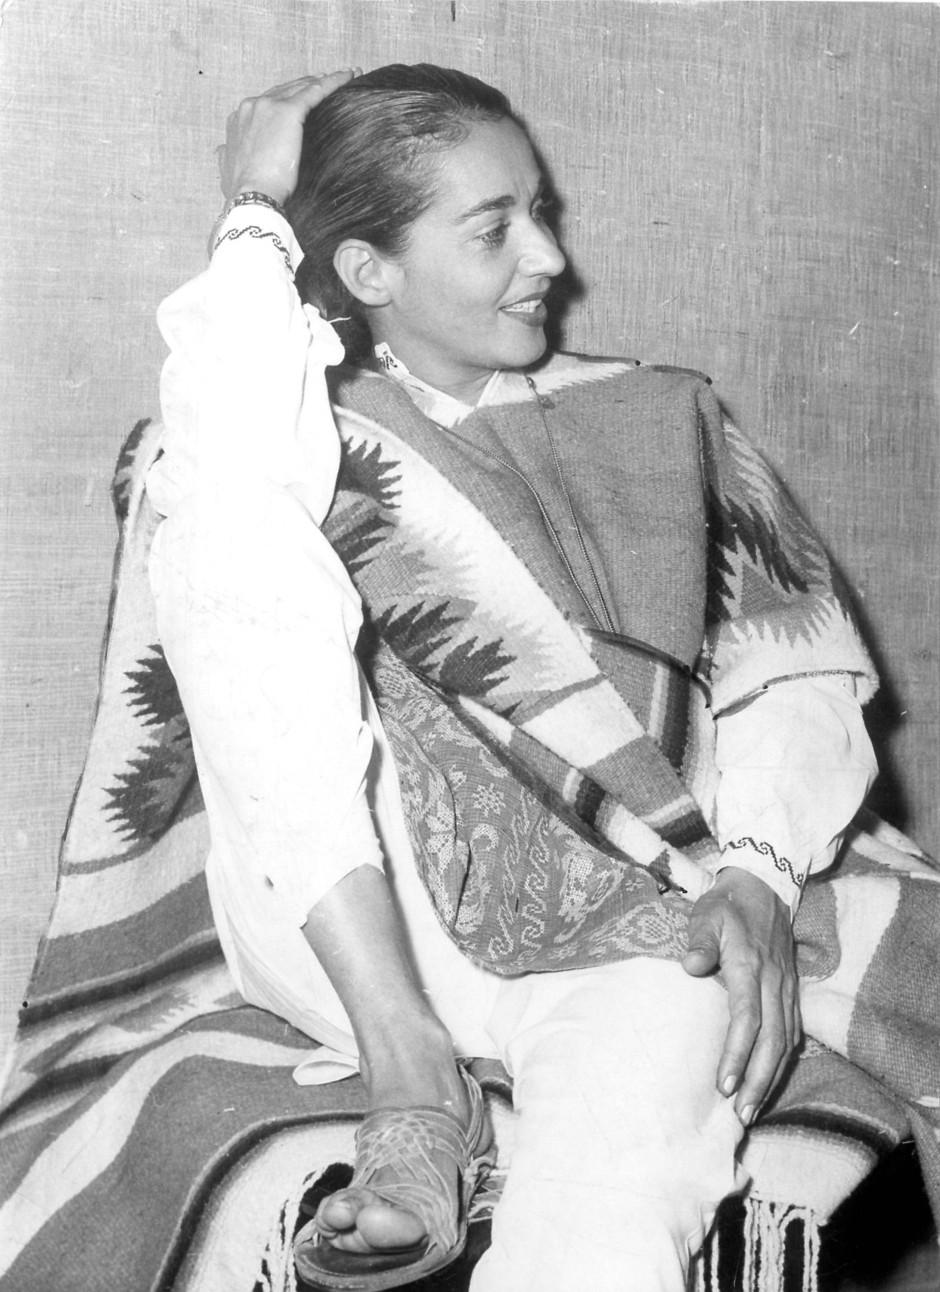 Poncho und Hosen bestimmten schon früh den Stil von Chavela Vargas.